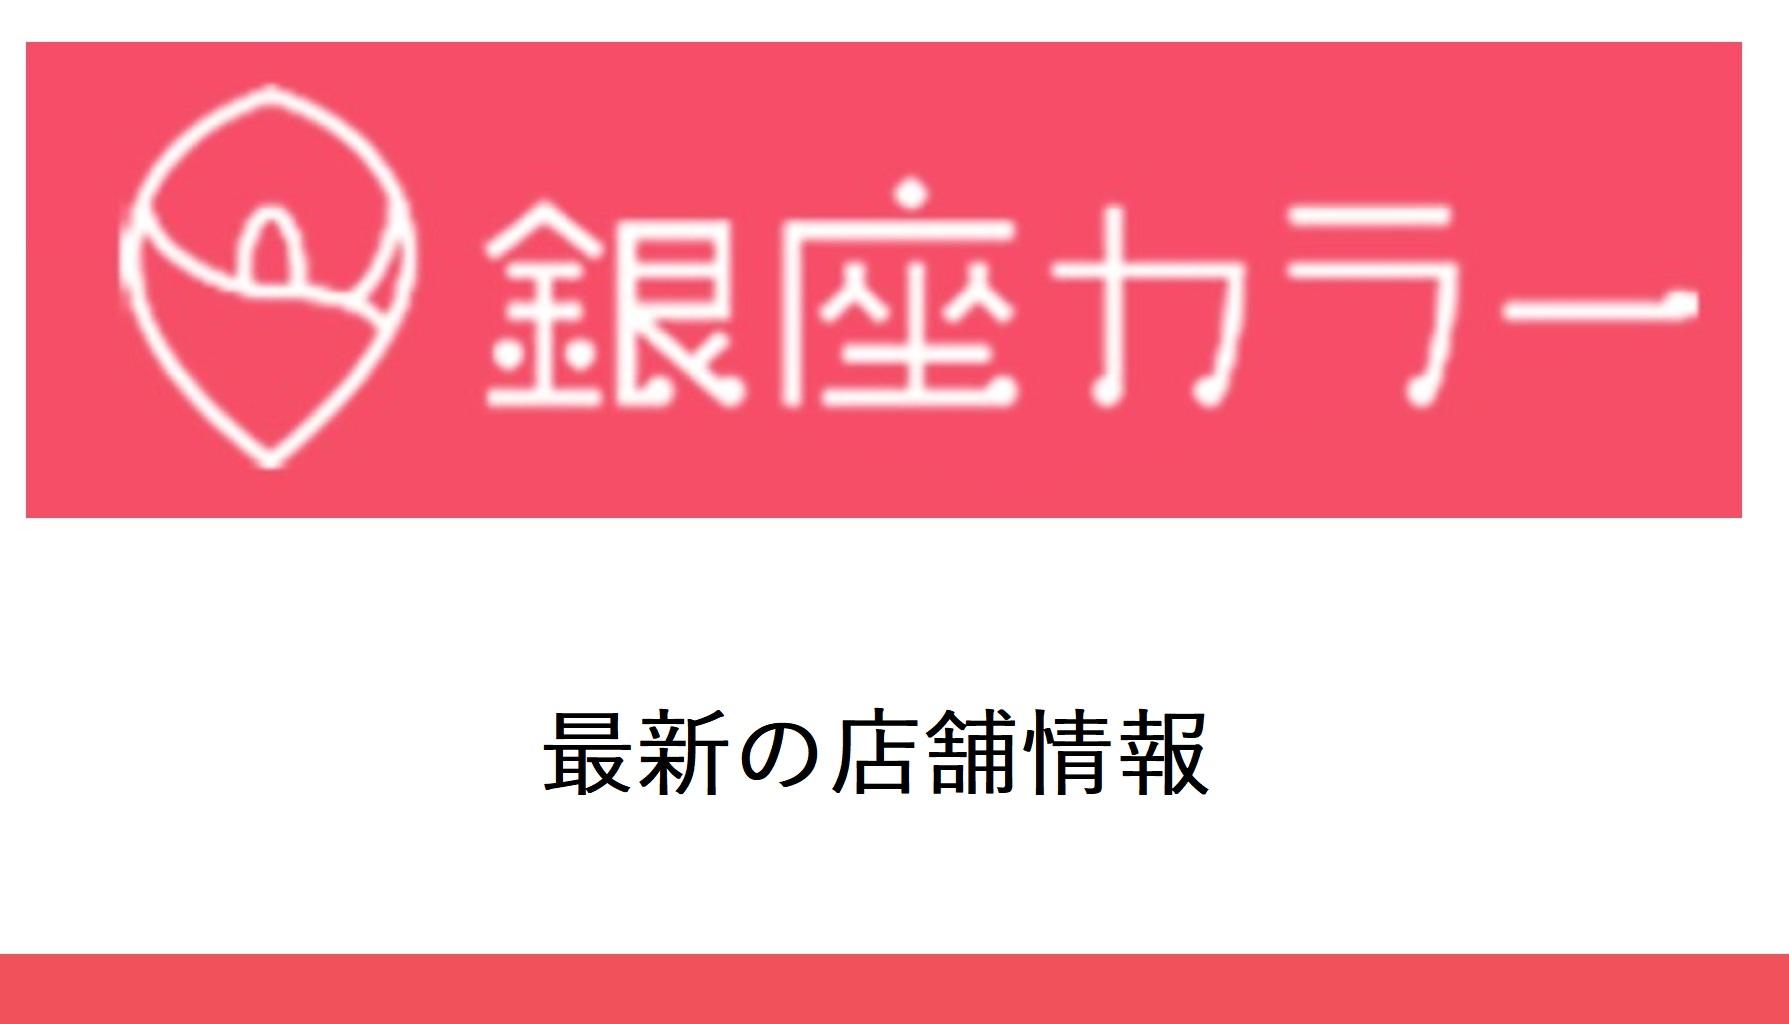 銀座カラー(最新の店舗情報)